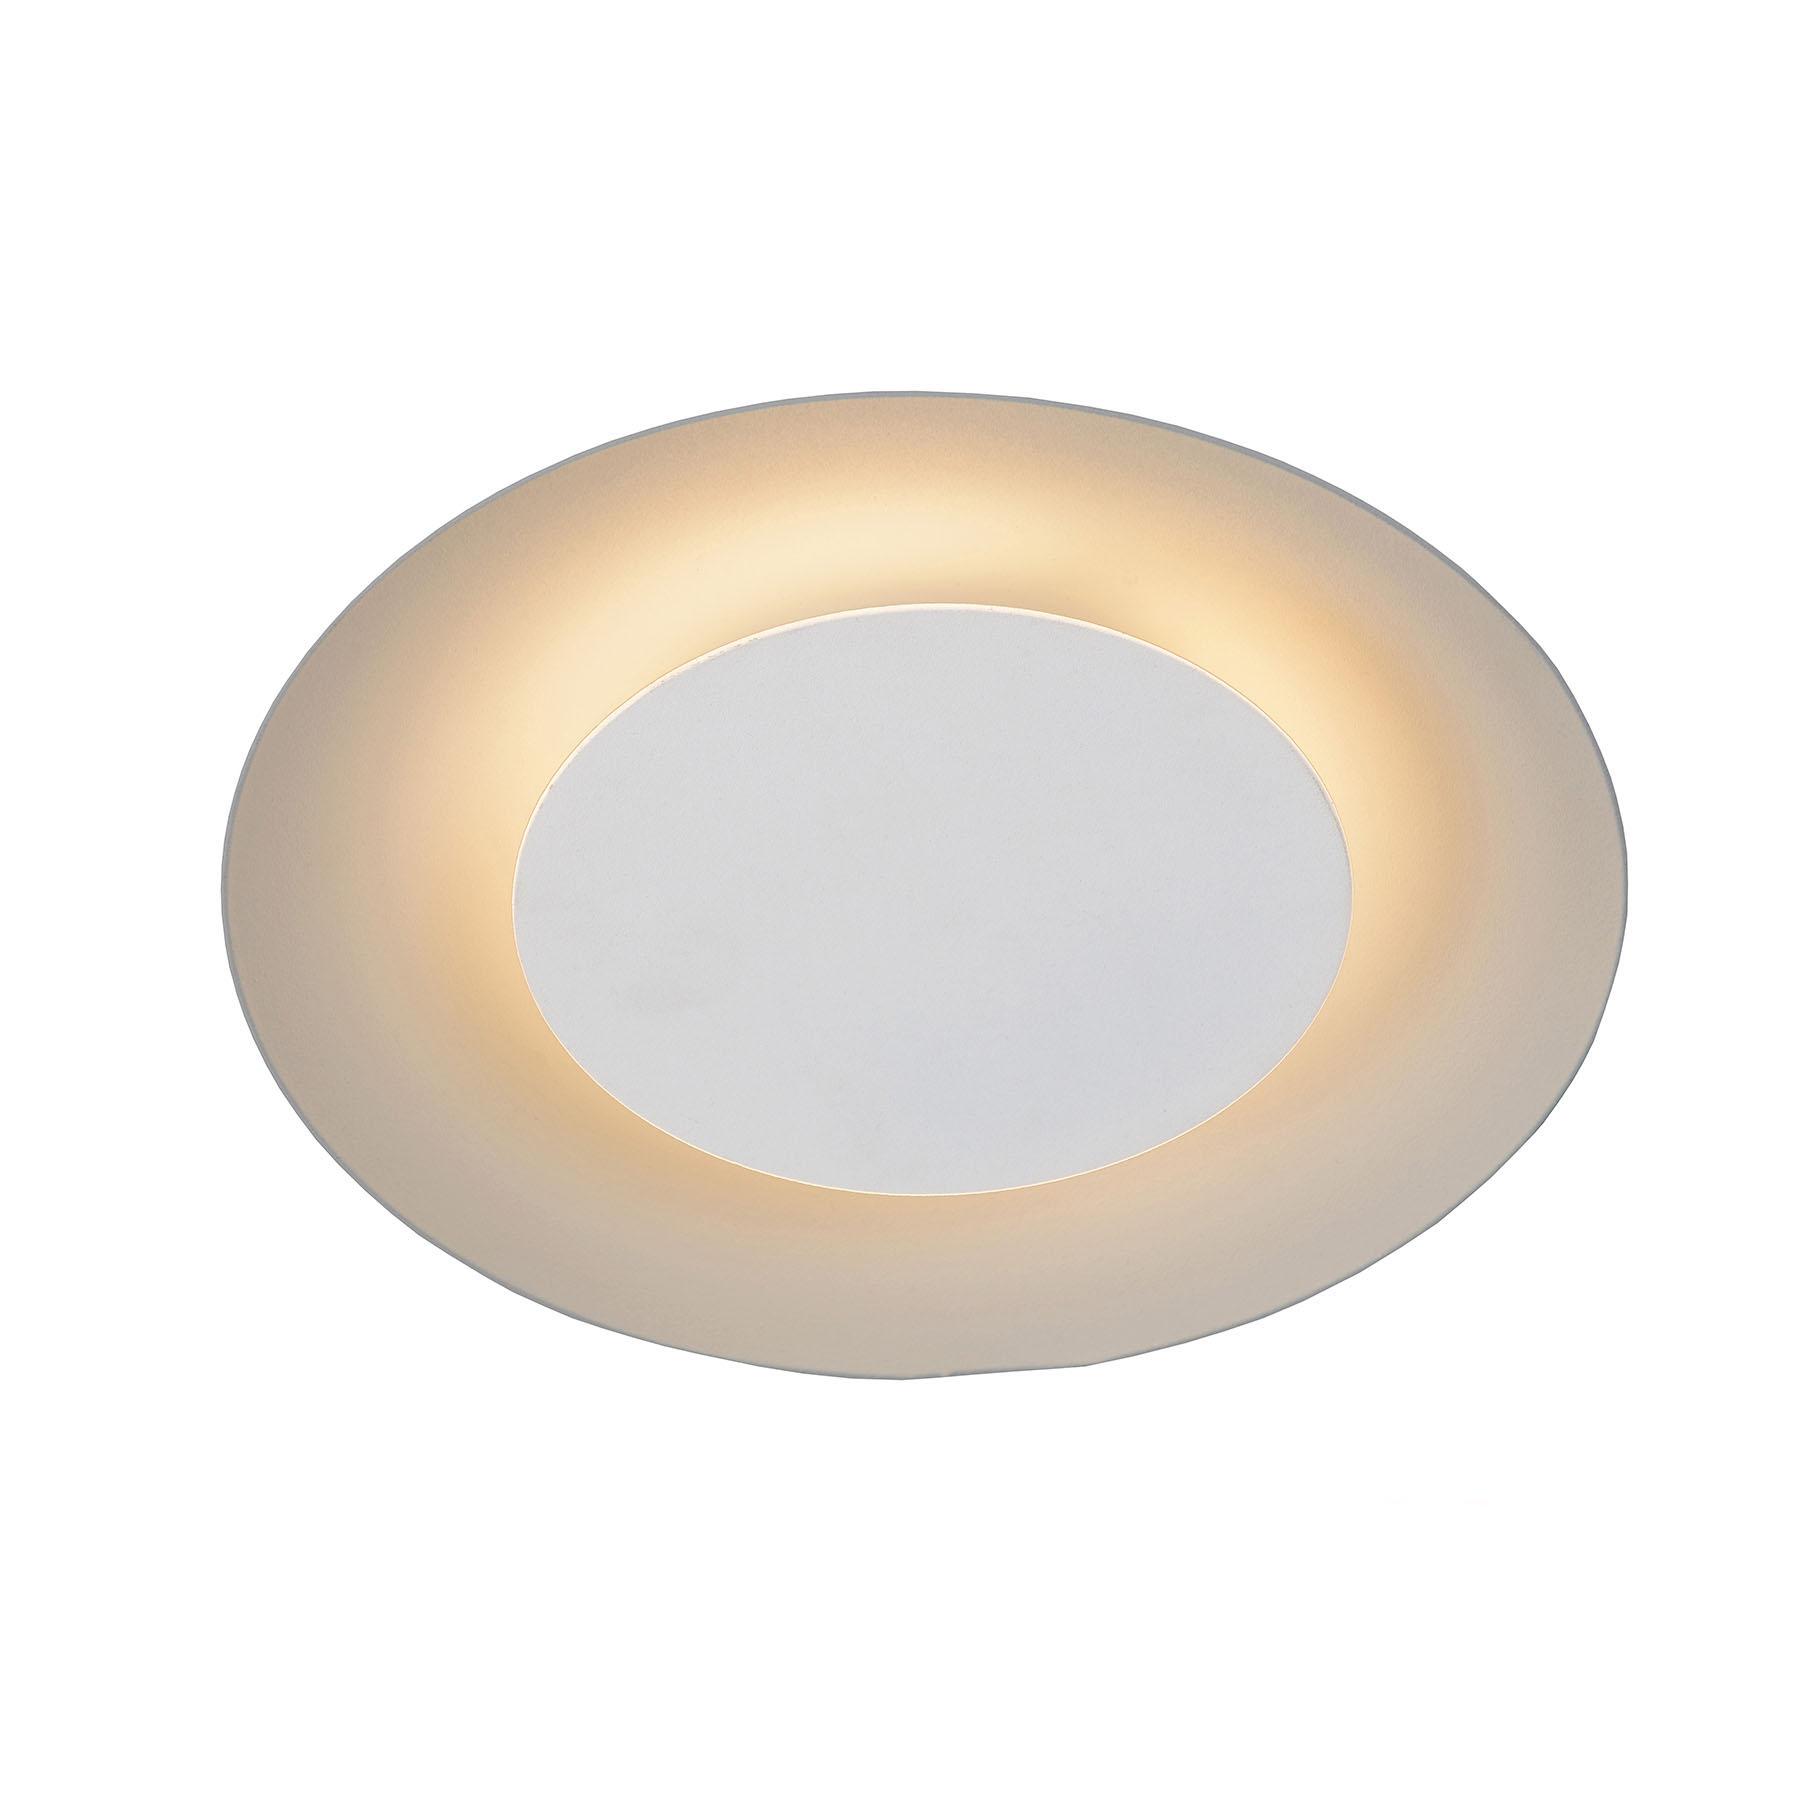 LED-Deckenleuchte Foskal in Weiß, Ø 21,5 cm